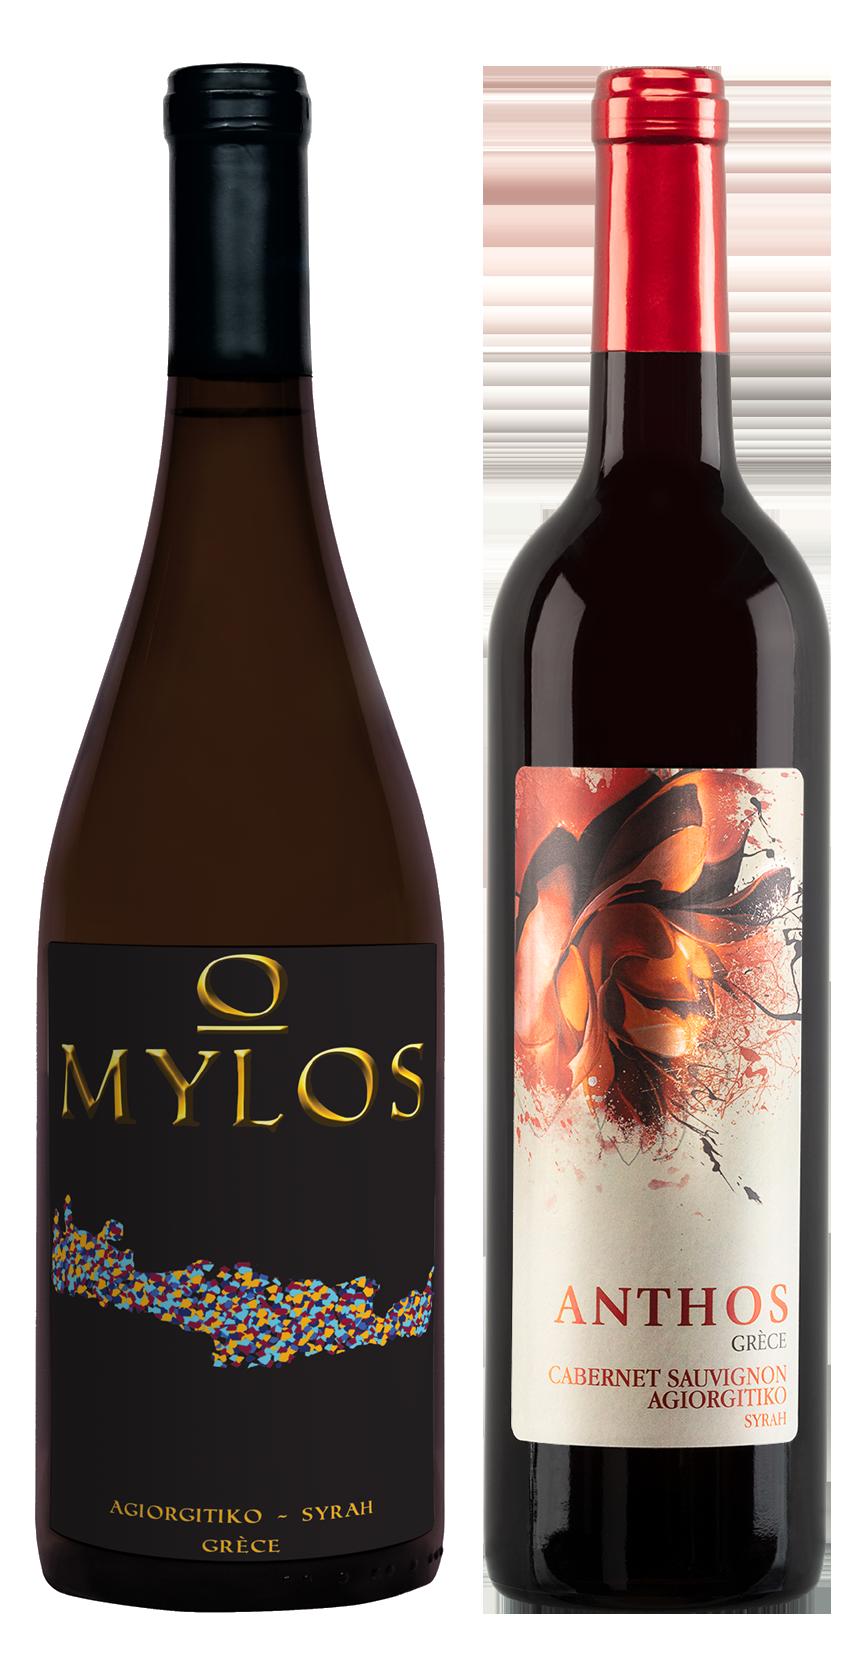 Anthos wines